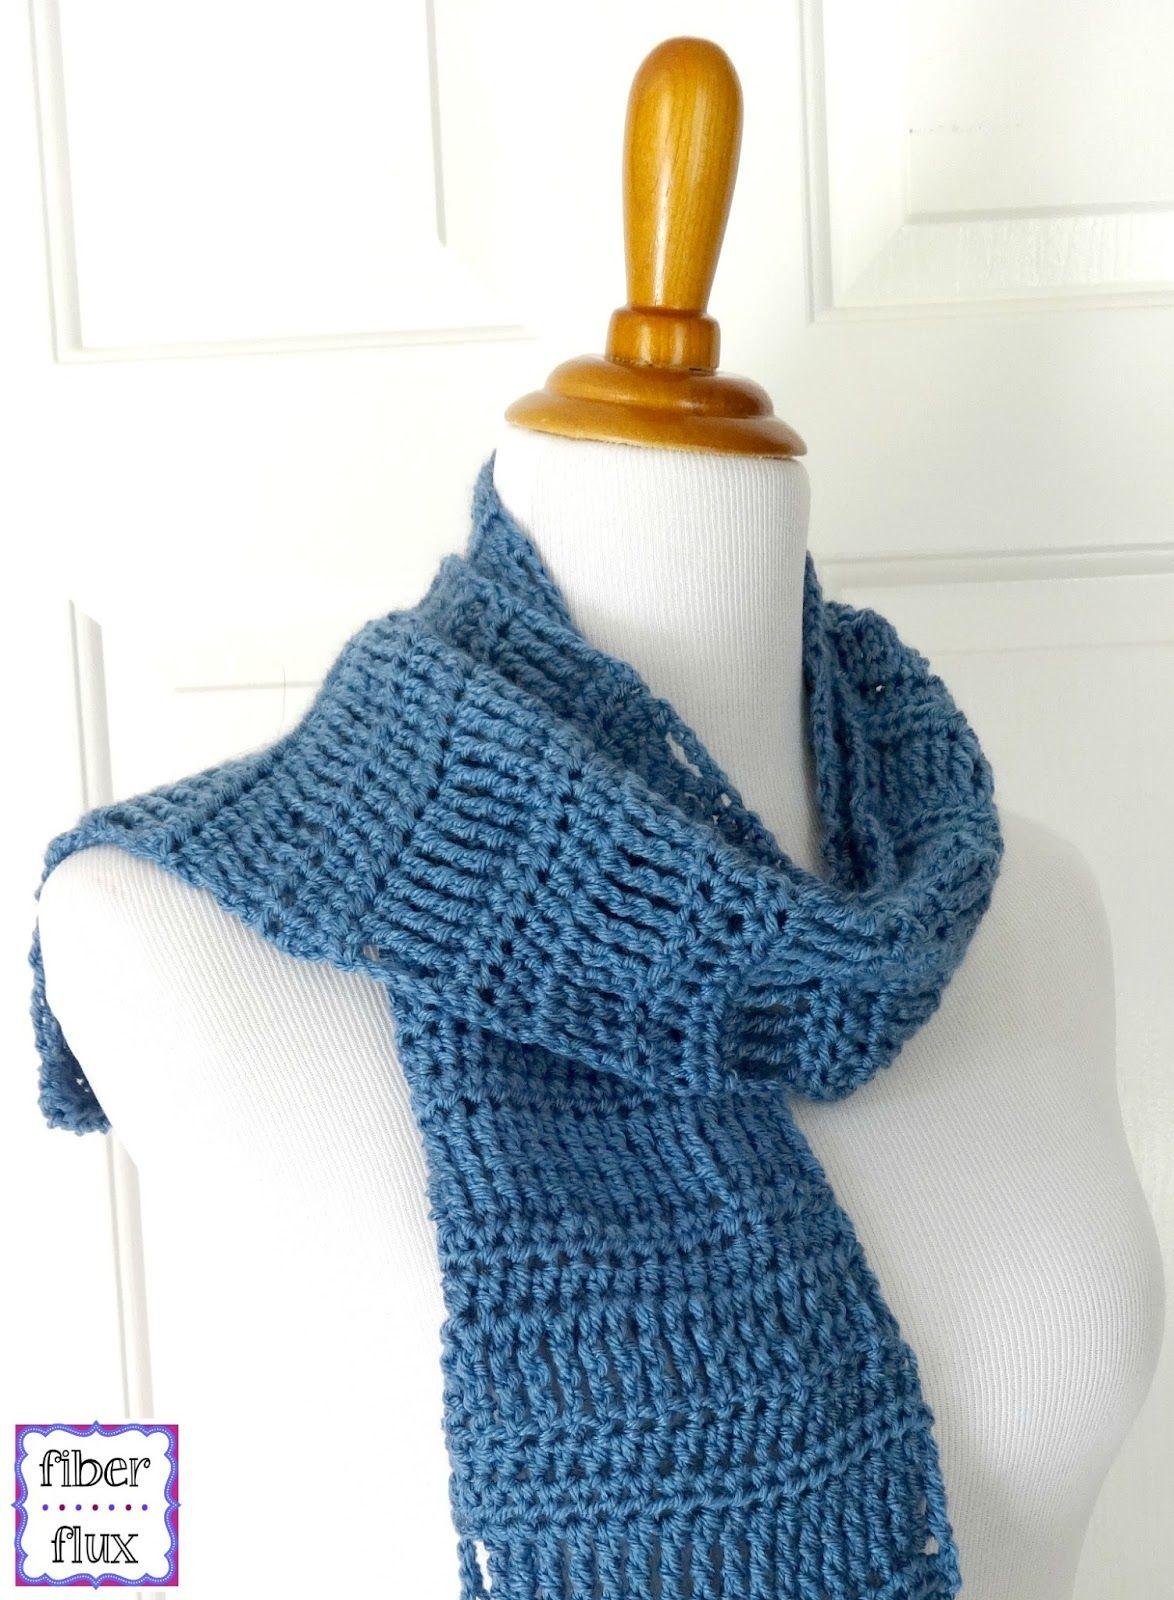 Free crochet patternapril showers scarf free crochet